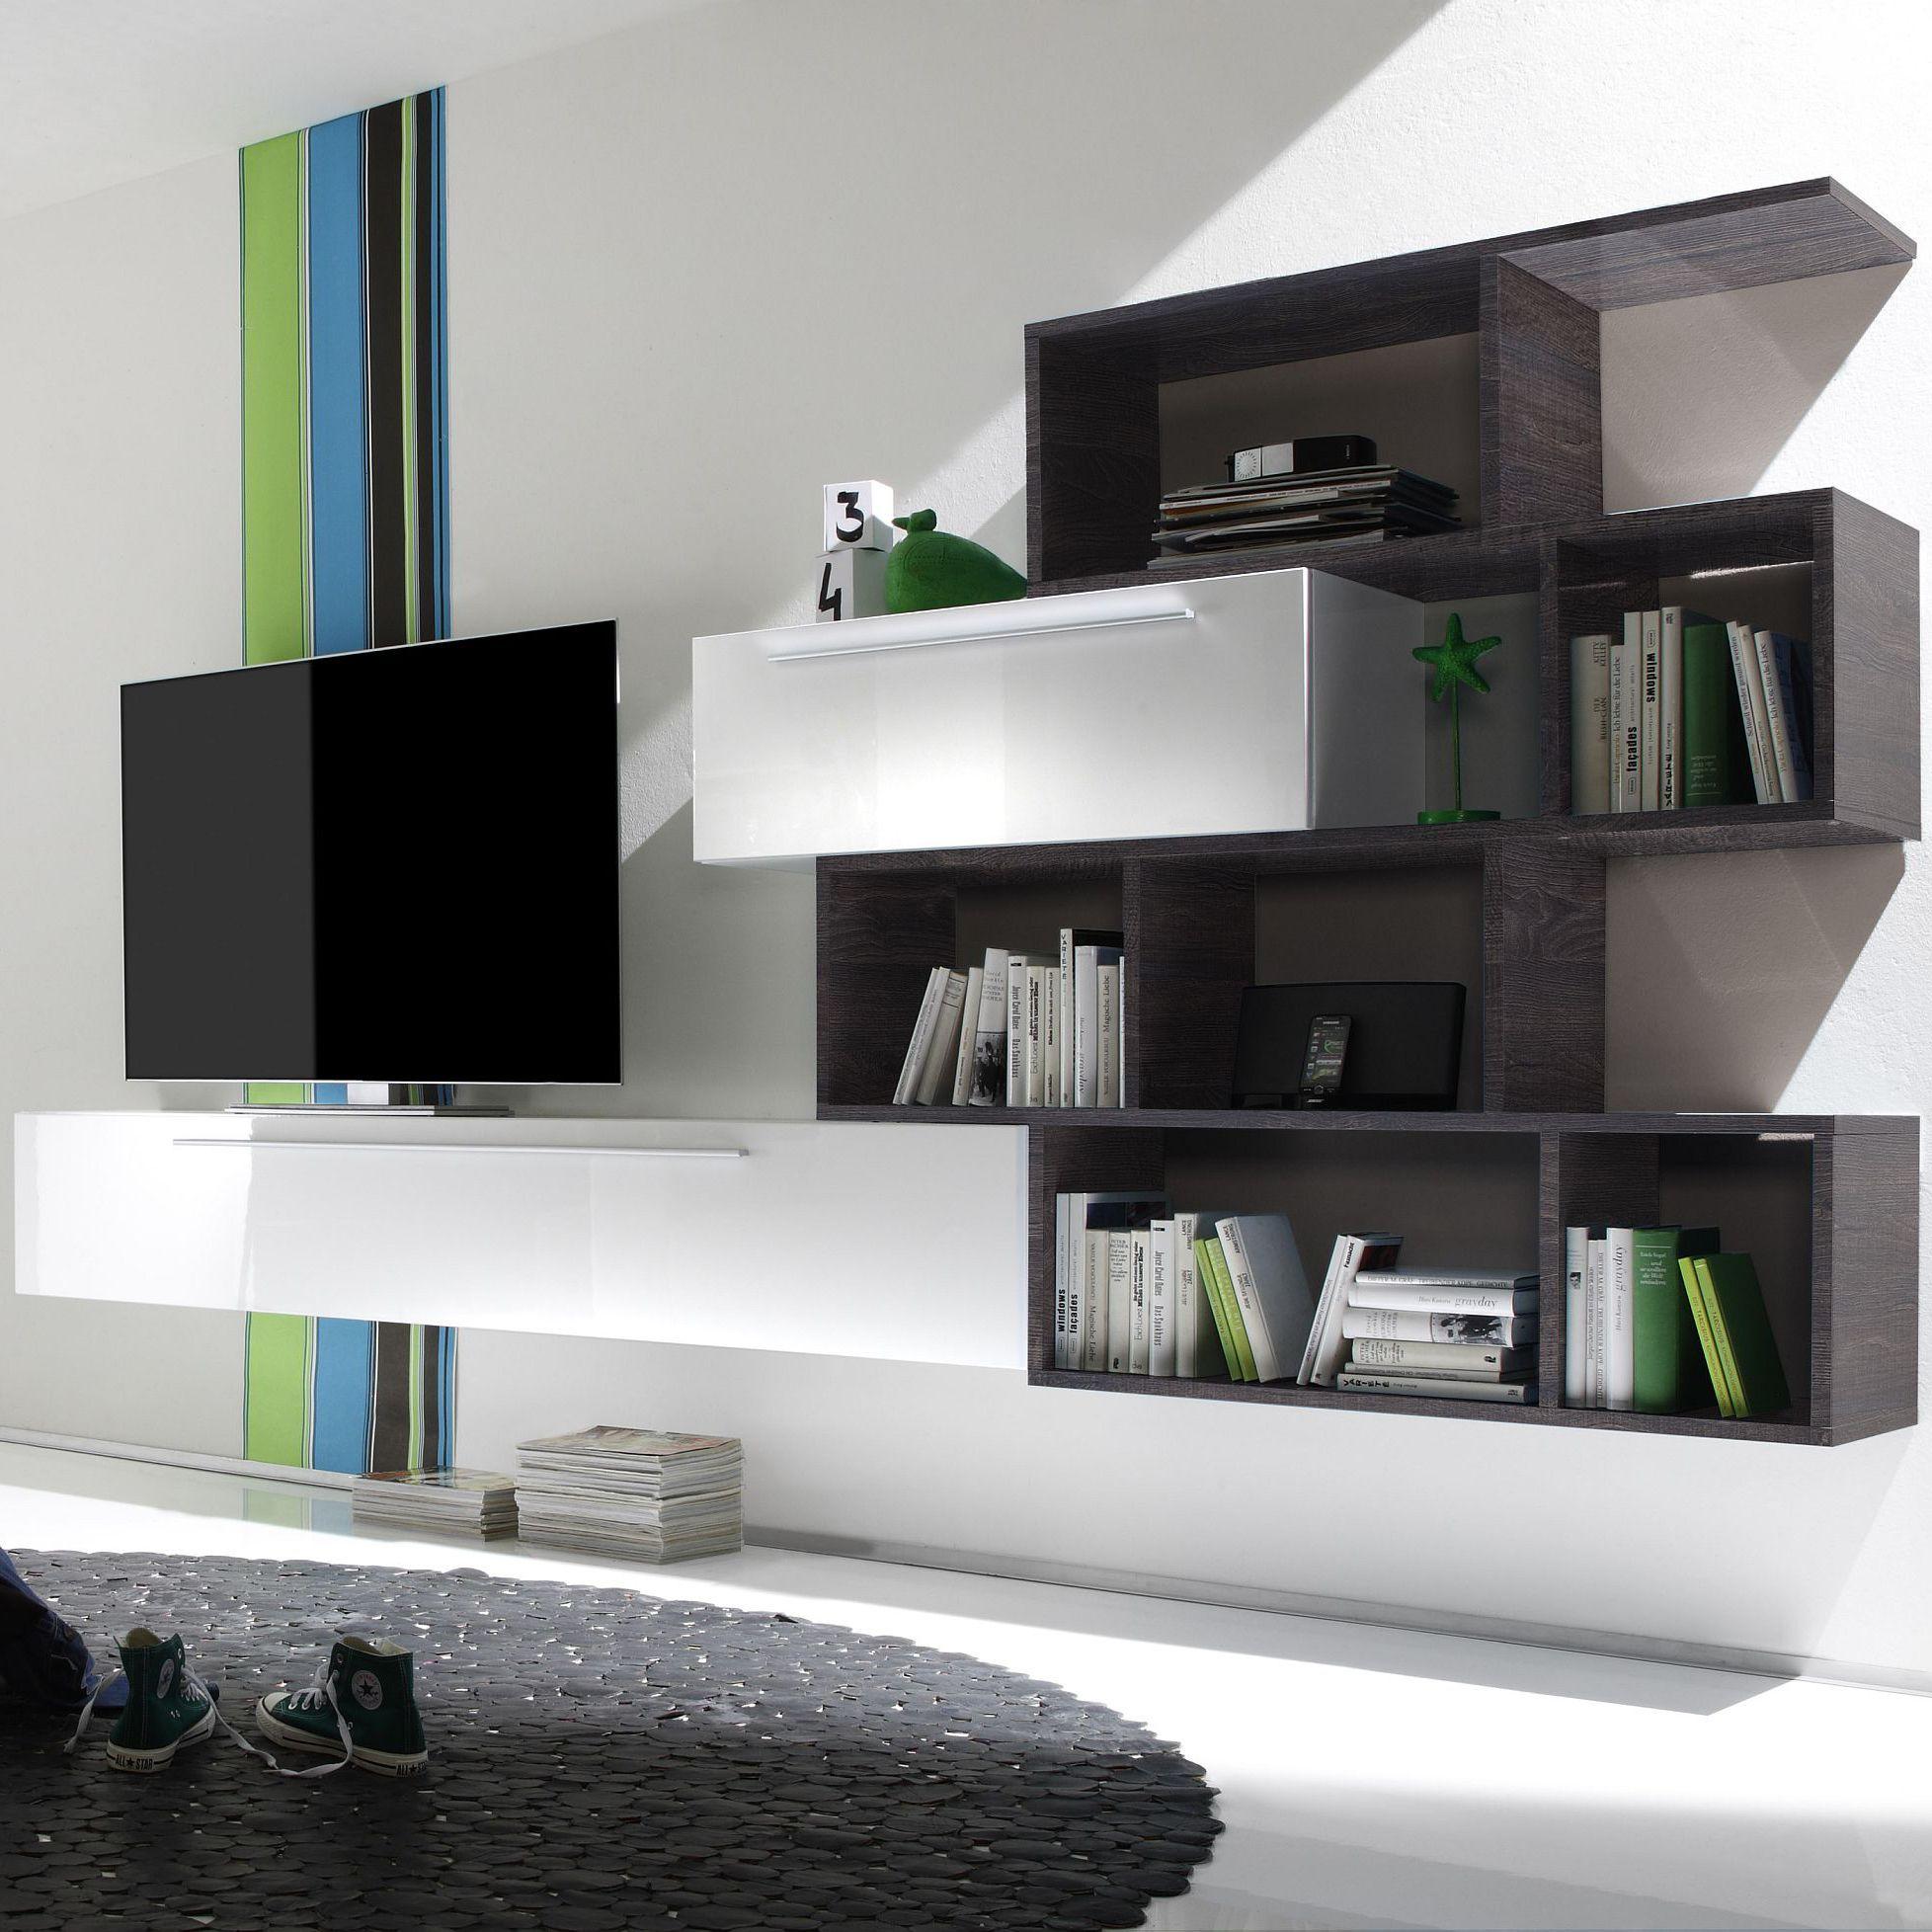 Klare Linien und ein hervorragendes #Design sind die wesentlichen ...